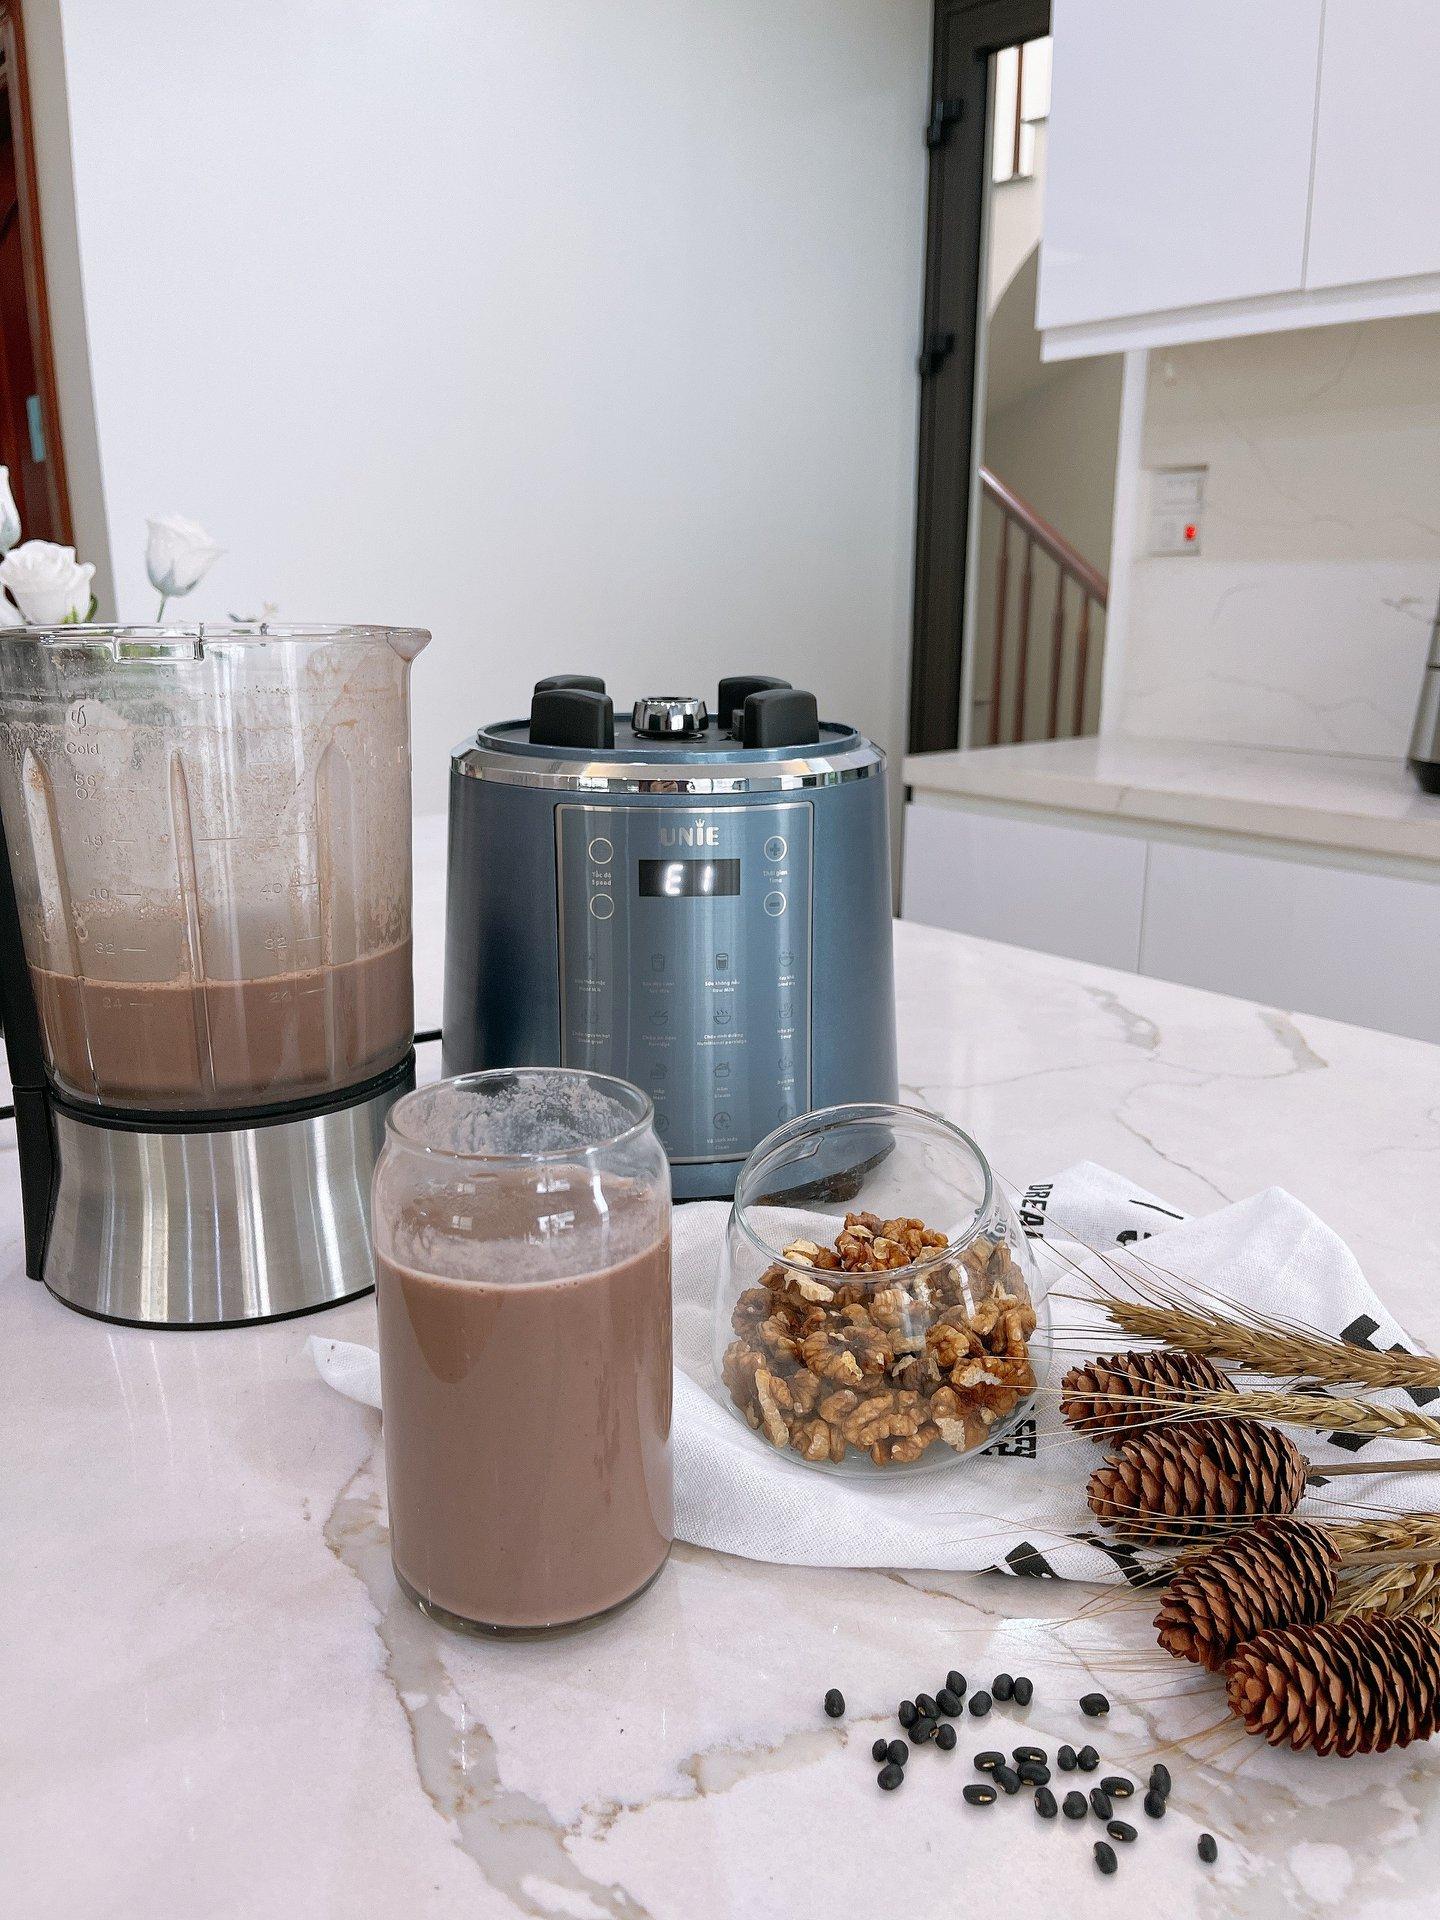 Máy Làm Sữa Hạt Xay Nấu Cao Cấp UNIE V6 & V6S (1800w - 1.75l - Có Cảm Biển Chống Trào và Hỗ Trợ Báo Giọng Nói Thông Minh) - Hàng Chính Hãng